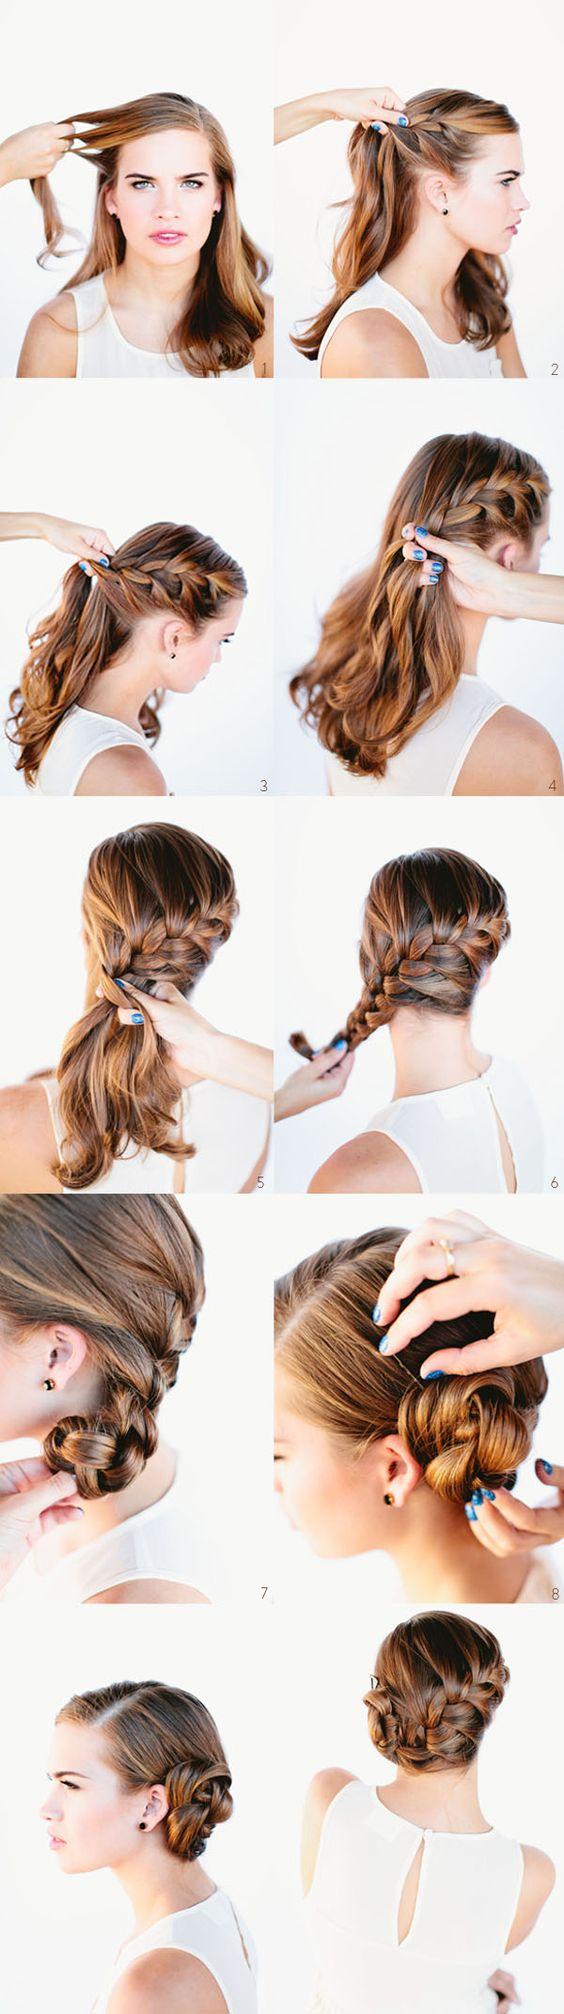 DIY French Braid Bun-Simple But Powerful Braided Hair Tutorials